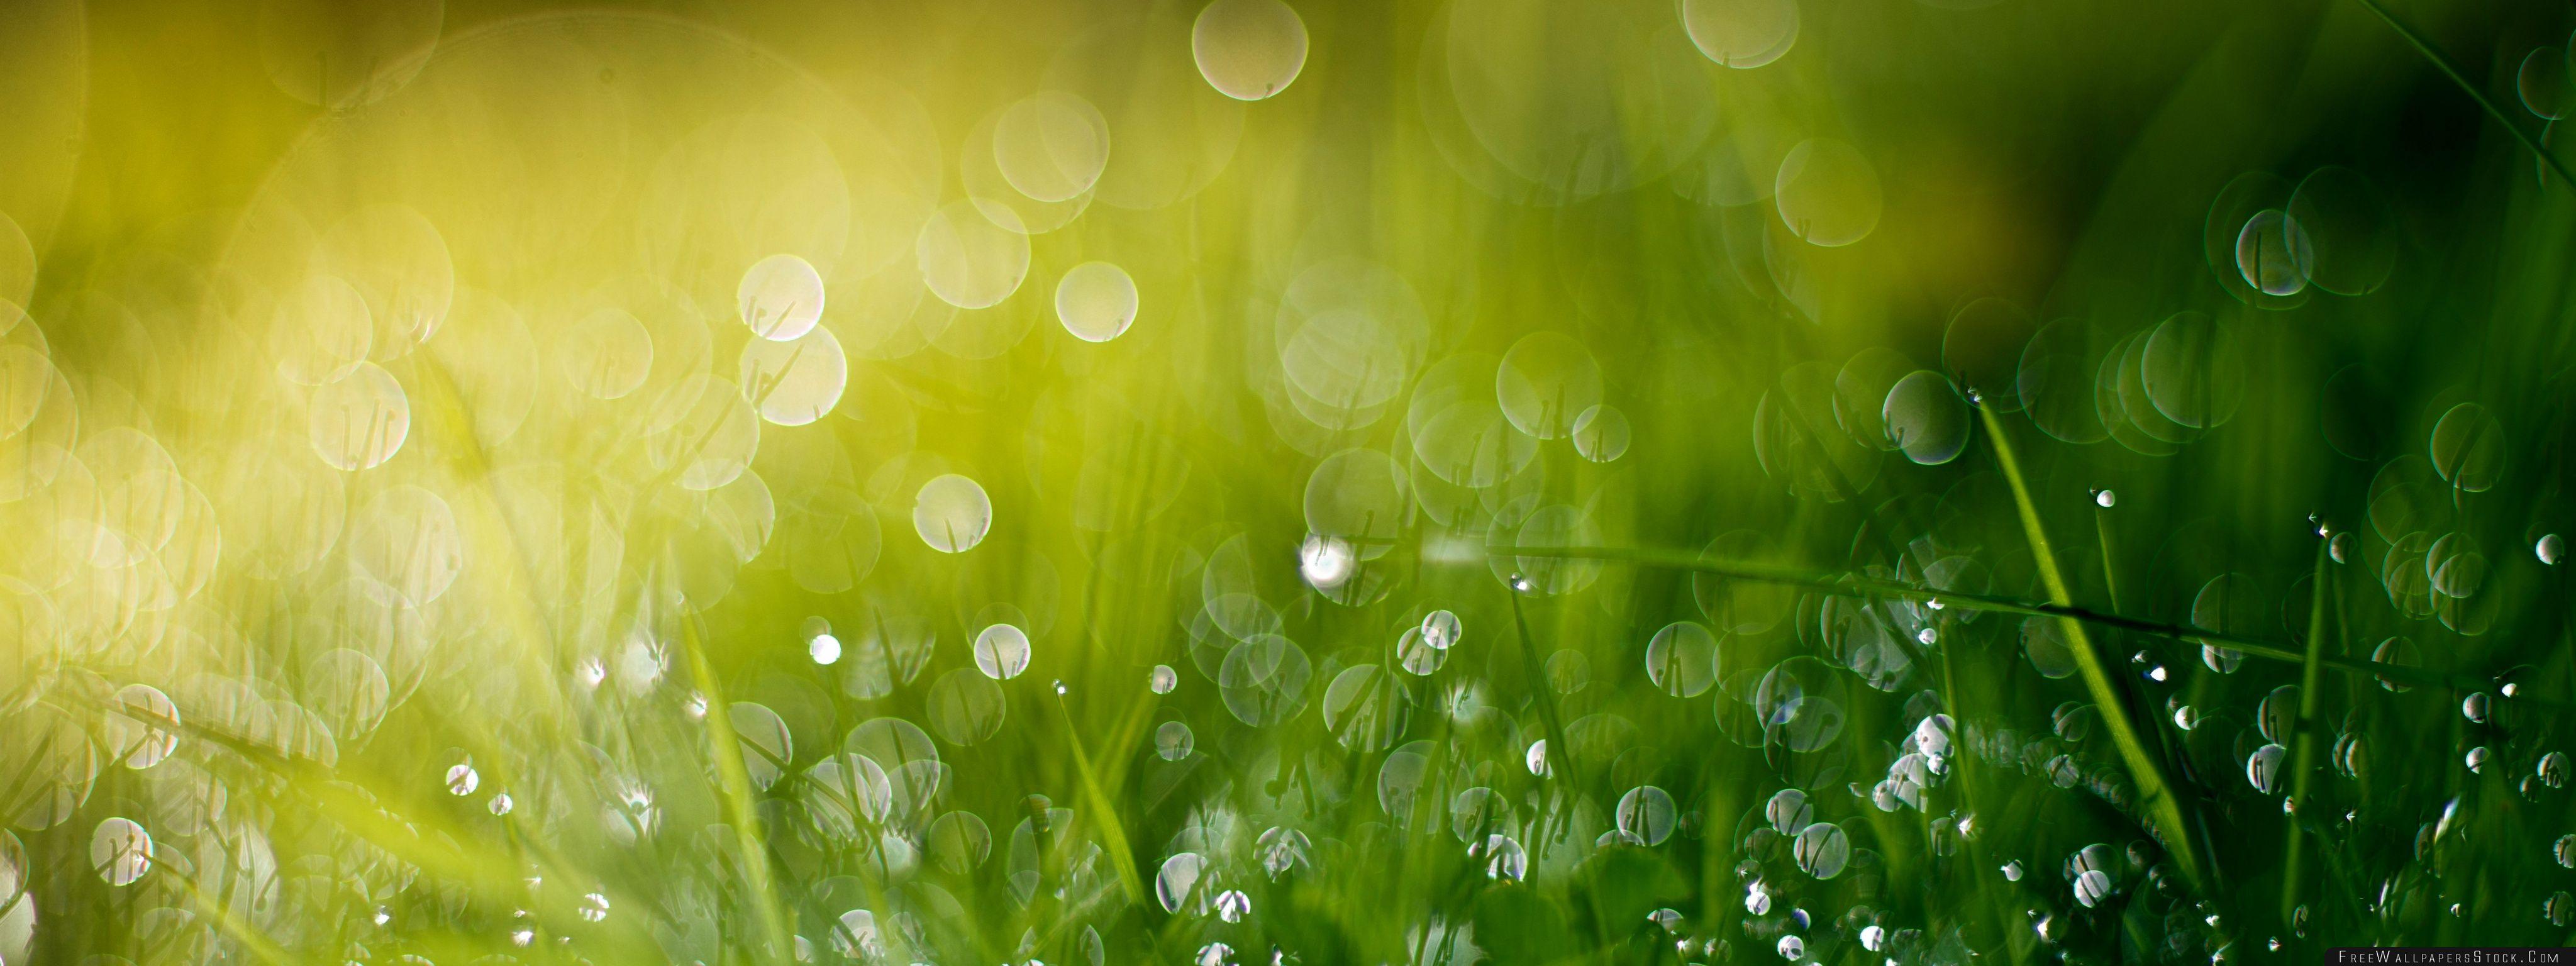 Download Free Wallpaper Wet Grass Bokeh Summer